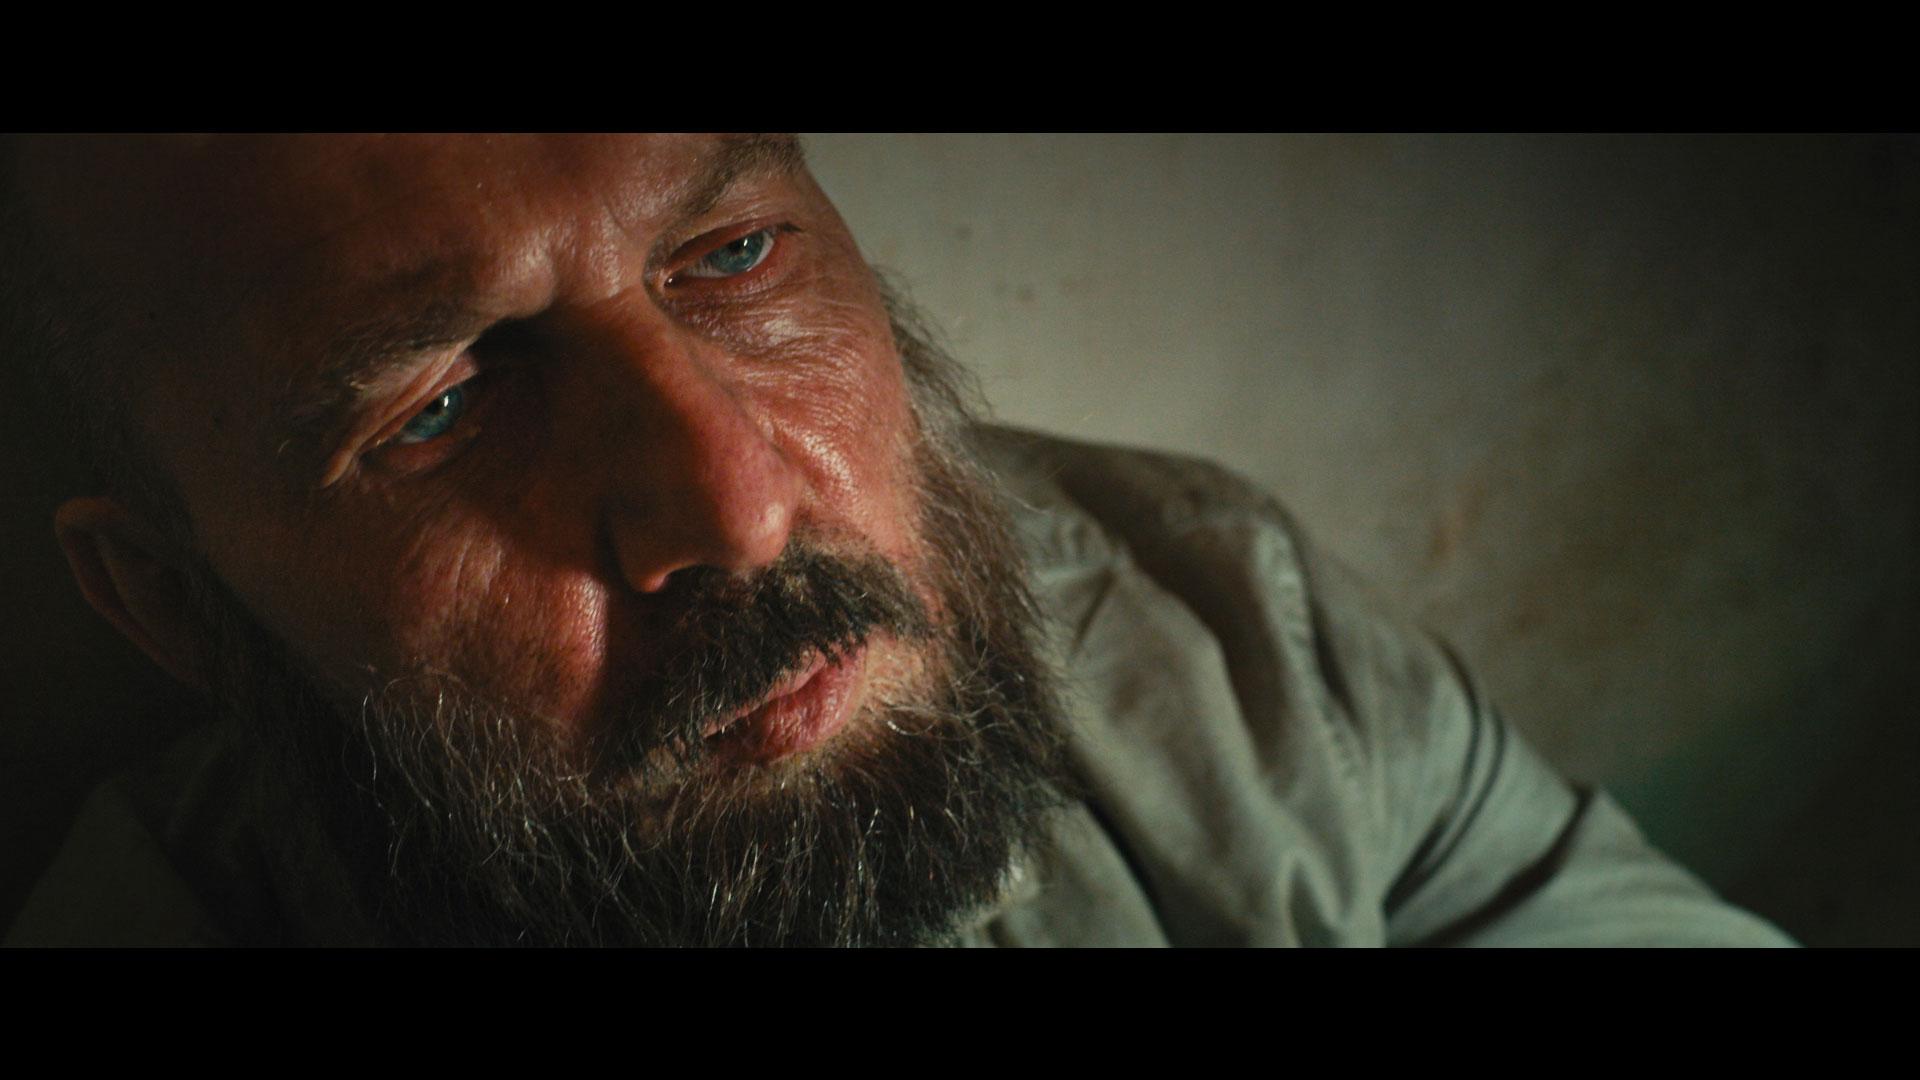 Режиссеру и актерам удалось донести трагедию истории в фильме «Шугалей», заявил Александр Пасечник